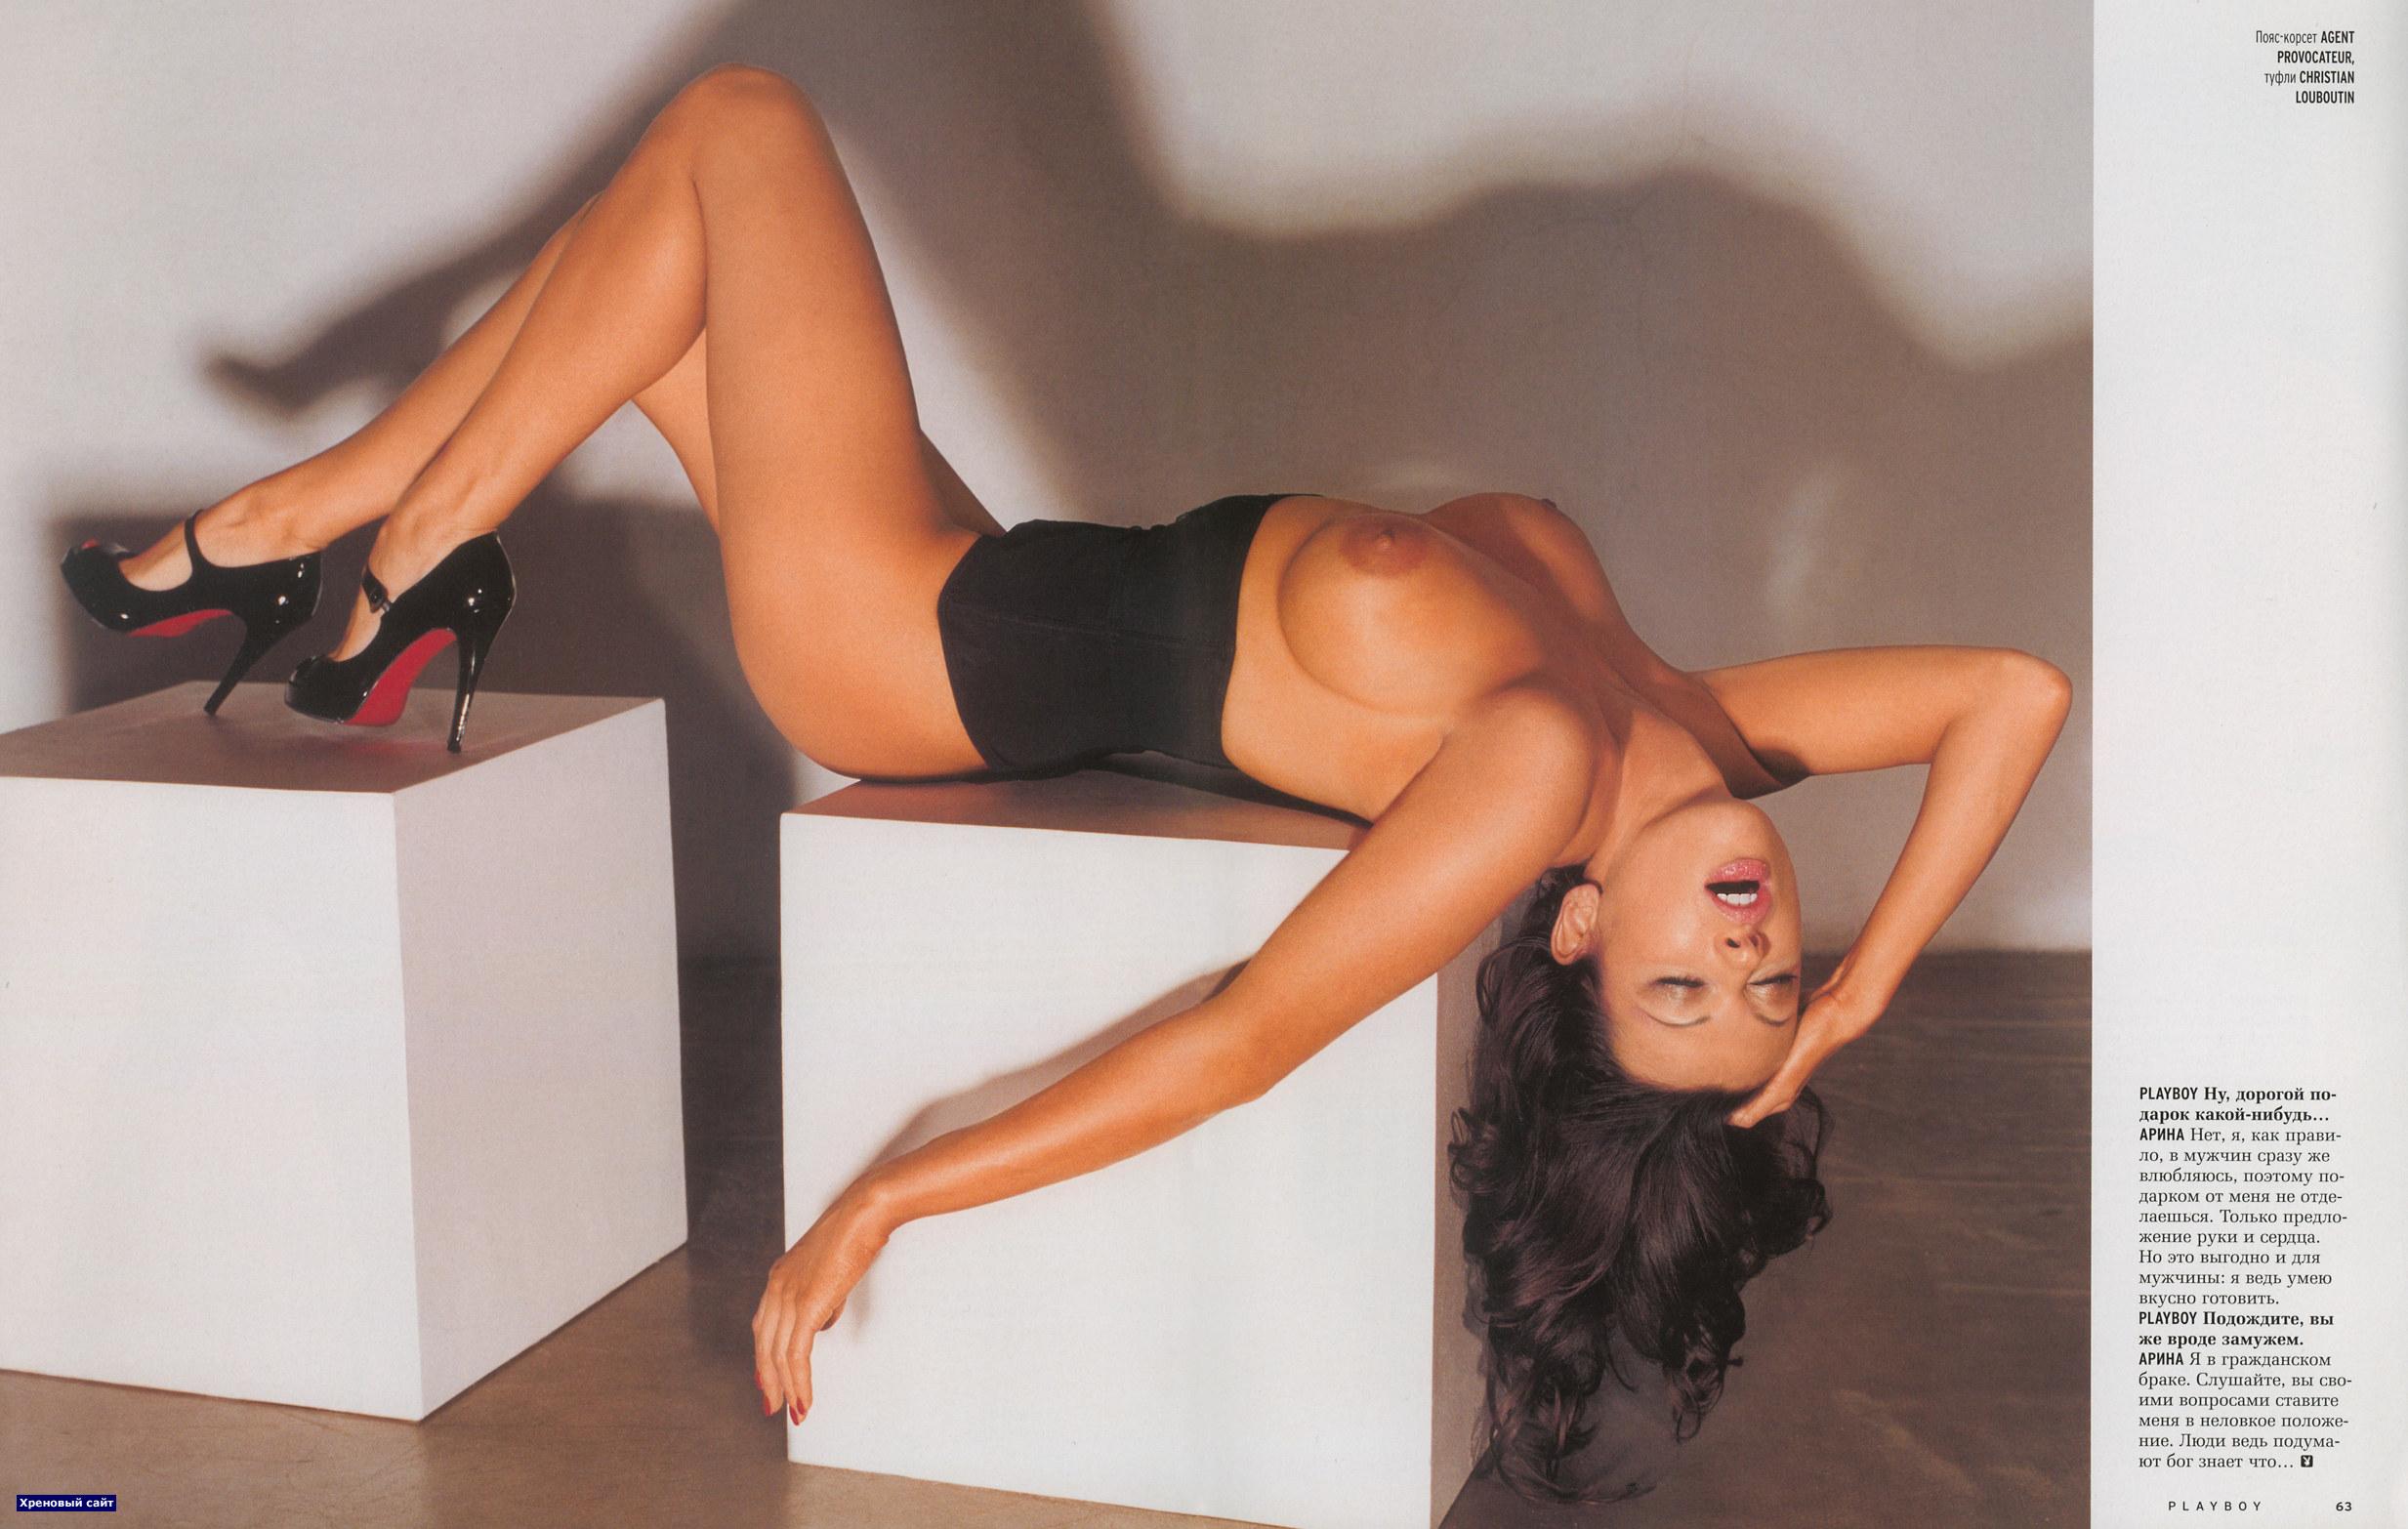 Фото русских знаменитостей для плейбоя, Российские актрисы, раздевшиеся для Playboy 15 фотография